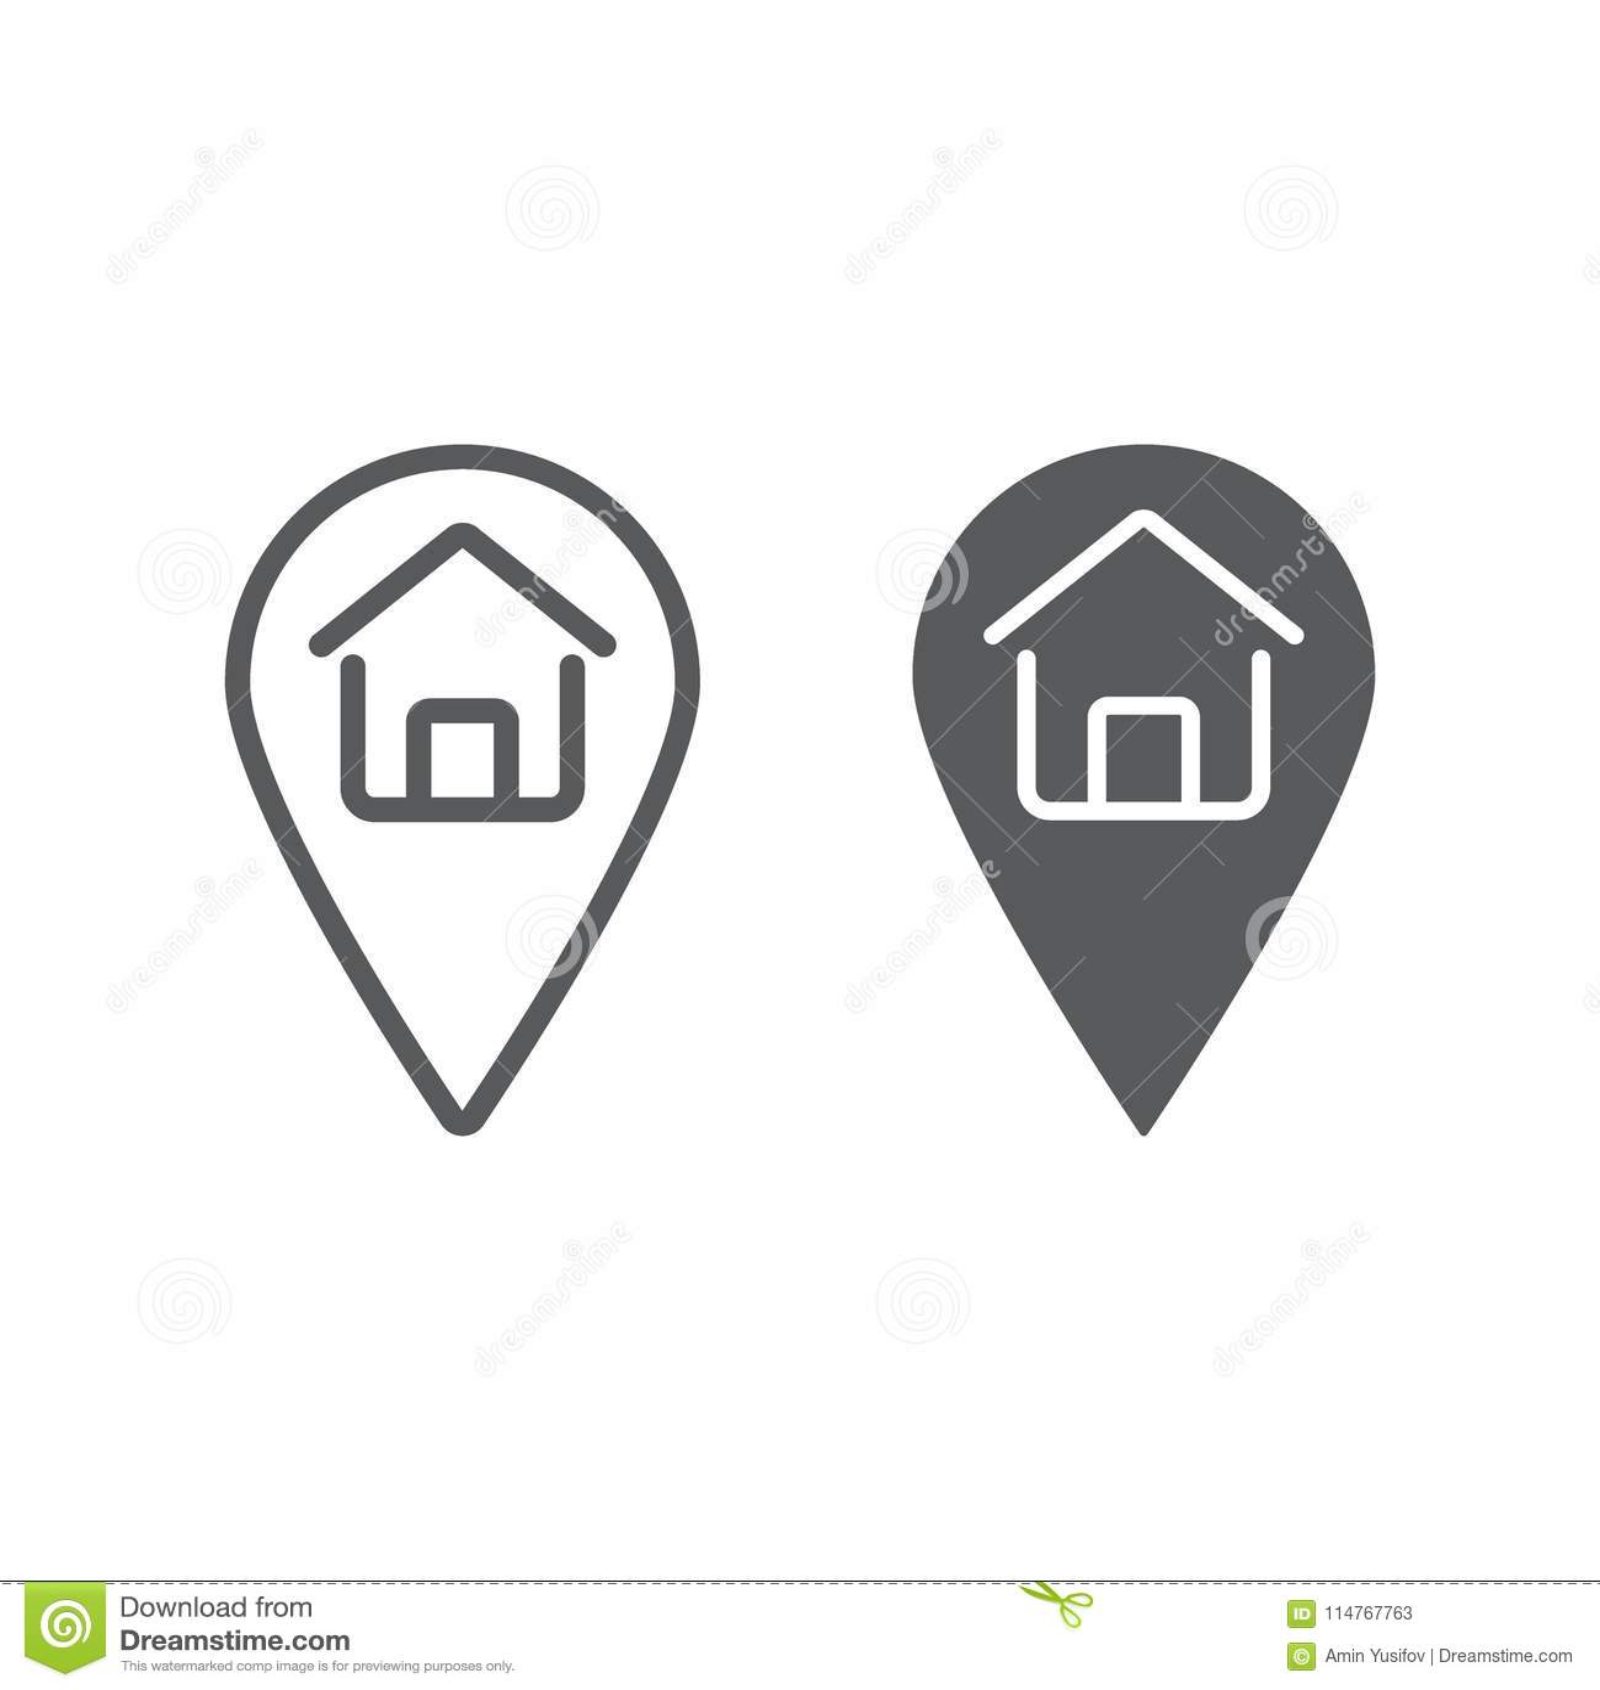 Γραμμή εγχώριας θέσης και glyph εικονίδιο, ακίνητη περιουσία